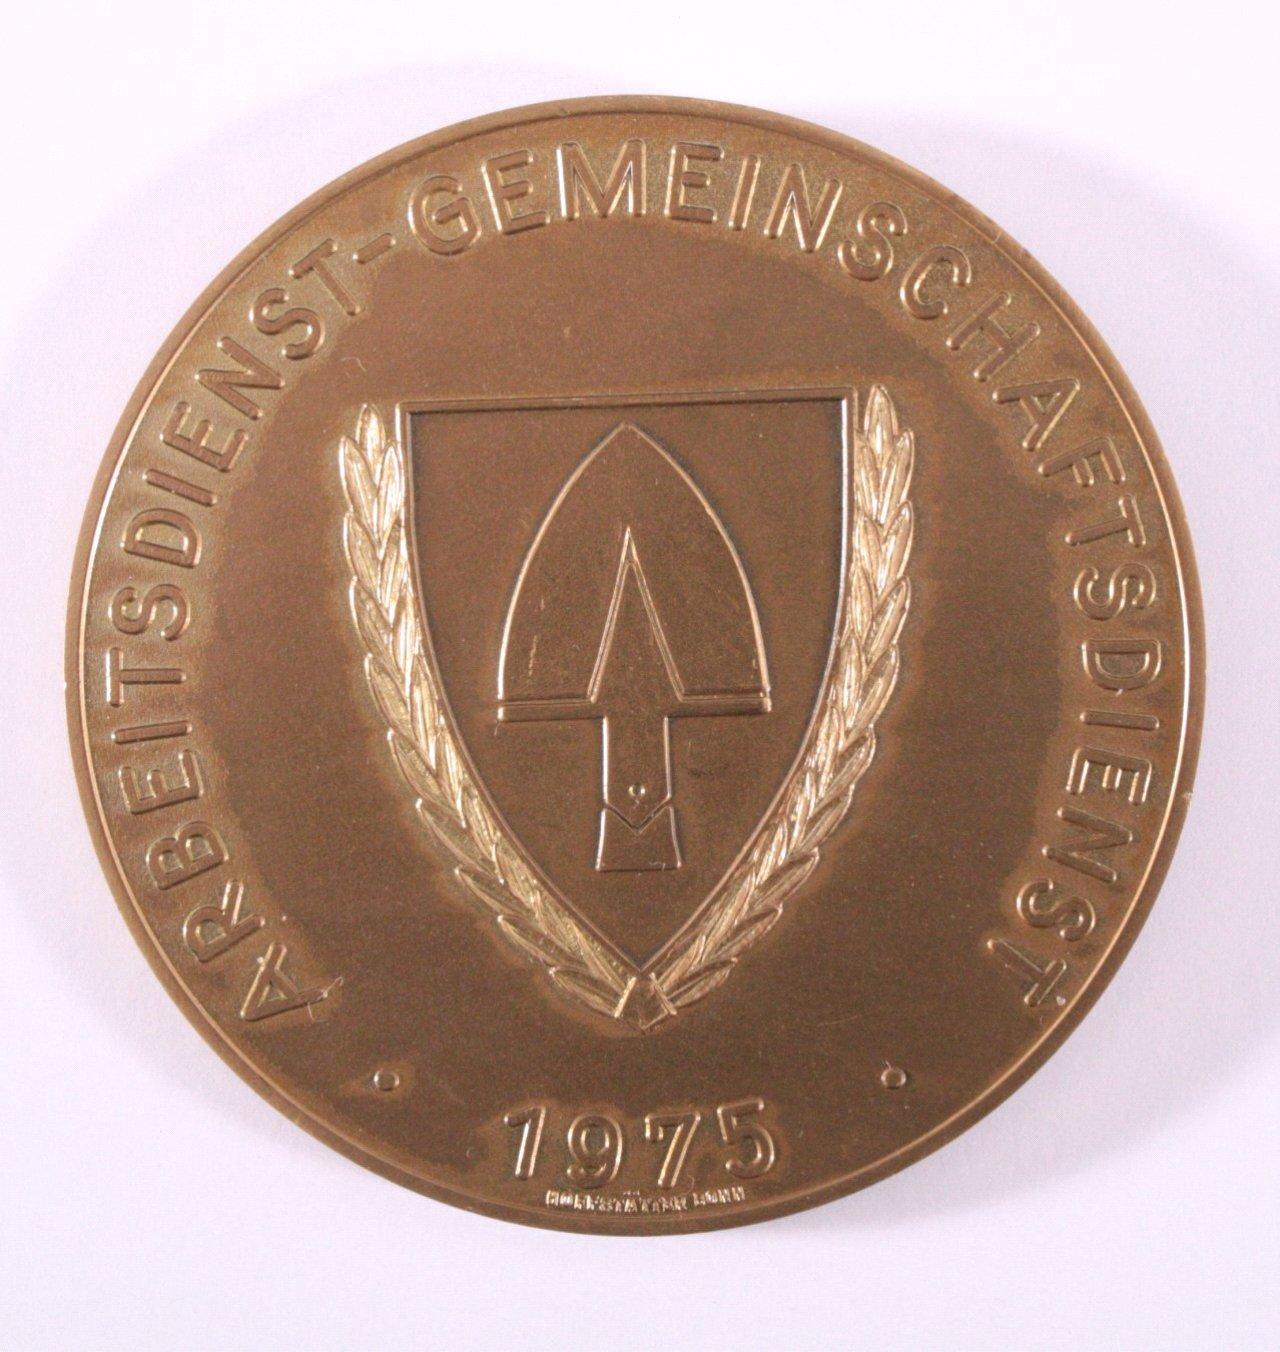 Medaille Reichsarbeitsdienst Rhön 1975-1